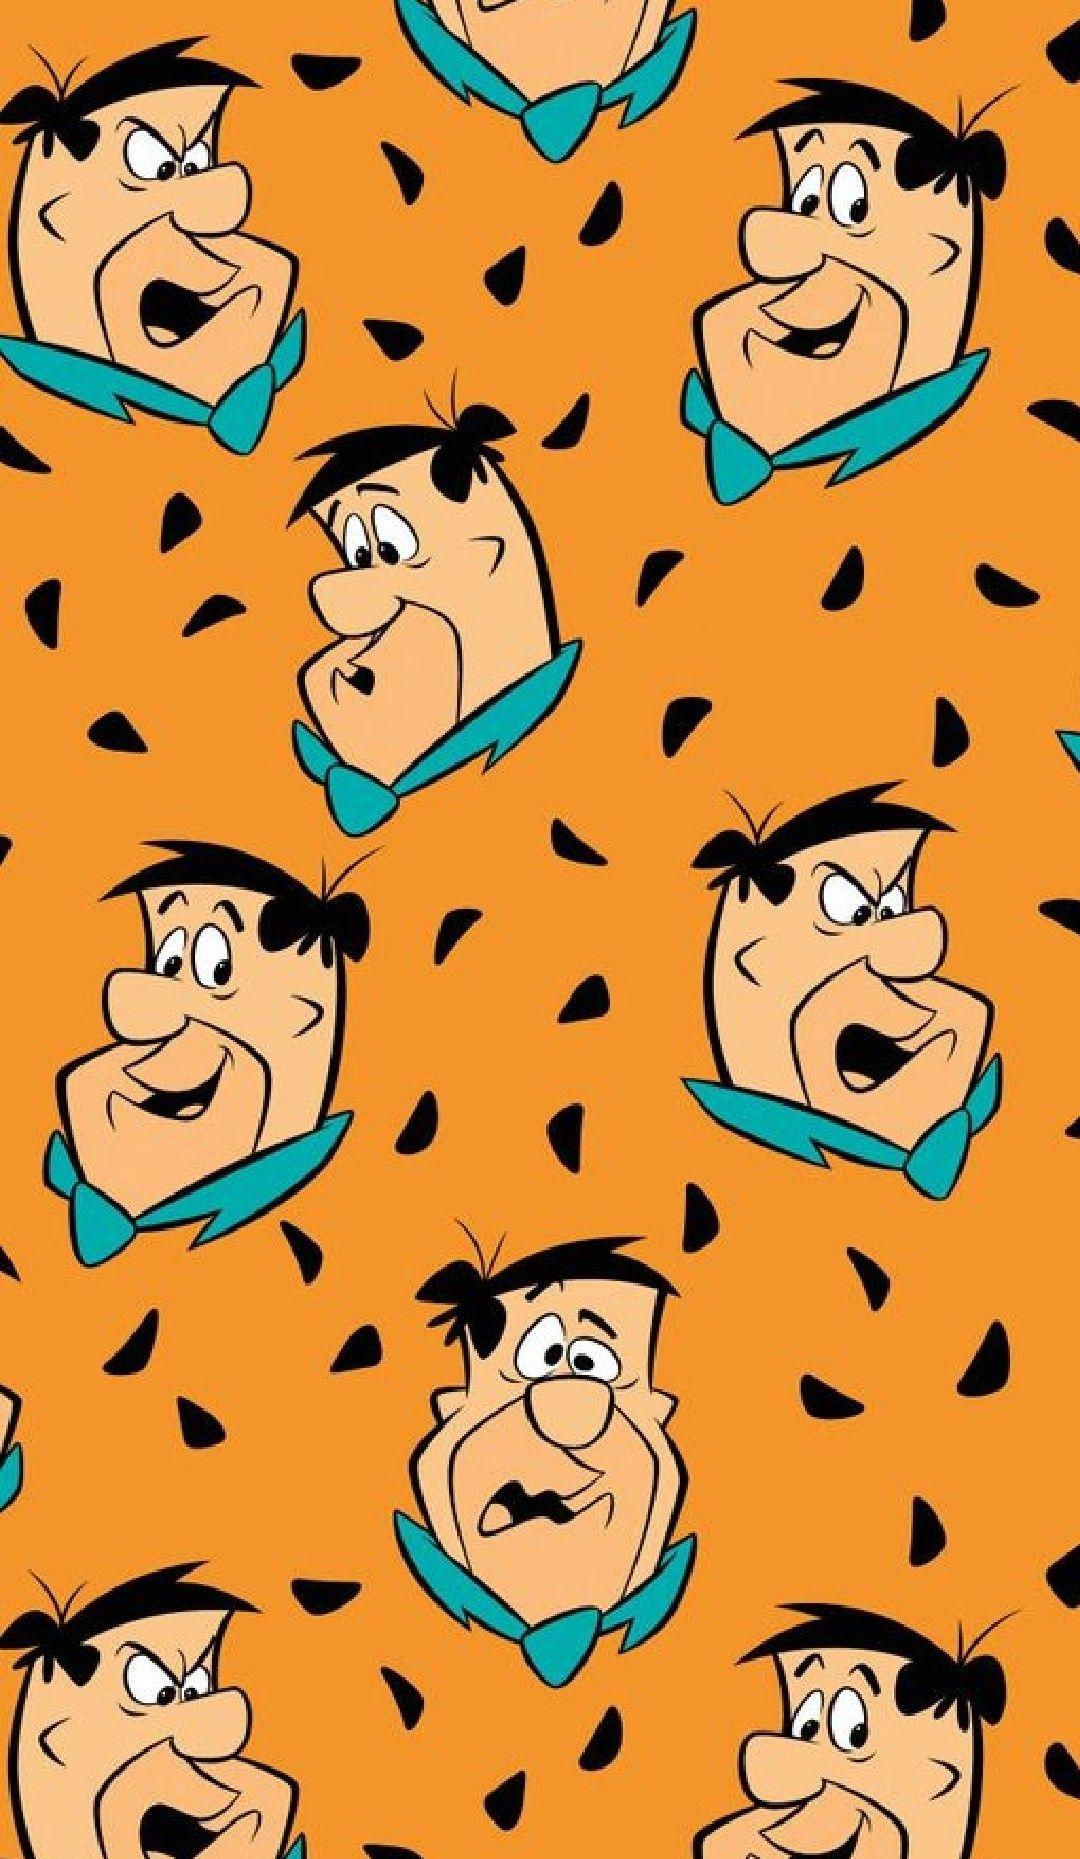 Pin by Deana Grazia on The Flintstones | Flintstones ...